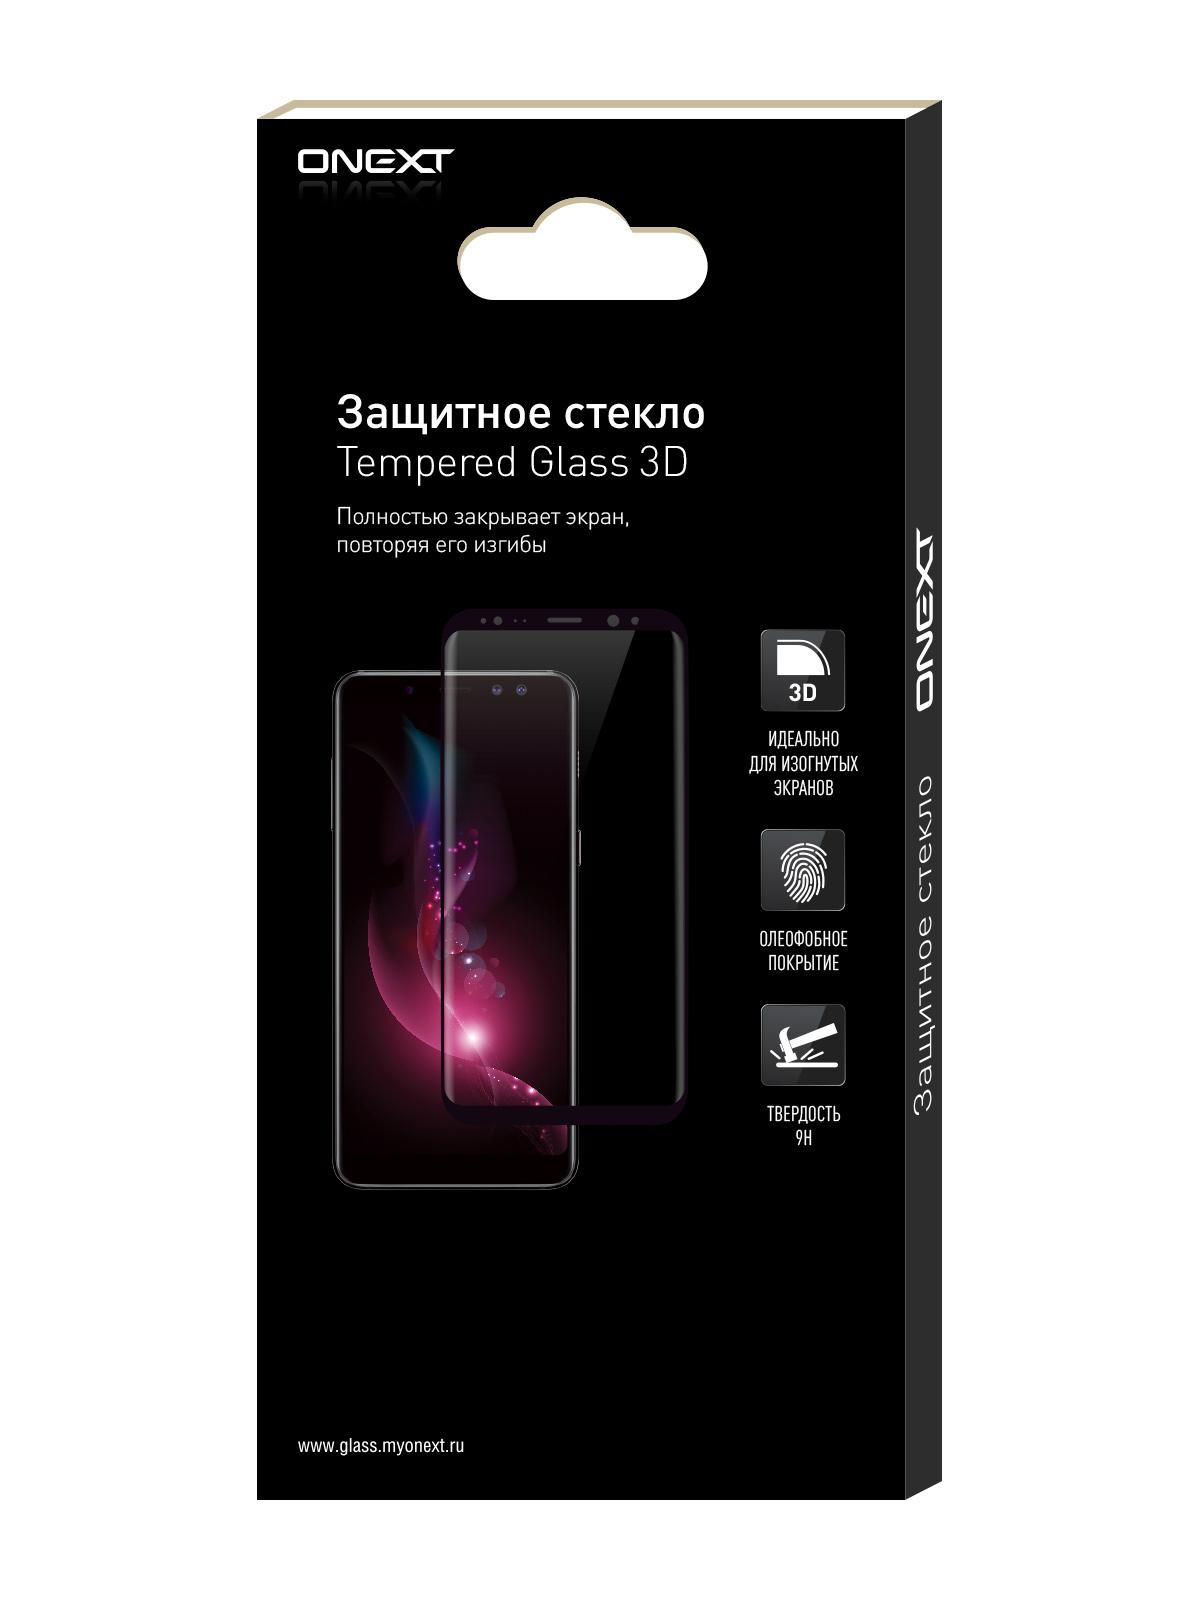 Защитное стекло ONEXT для Samsung Galaxy J5 (2017) Black